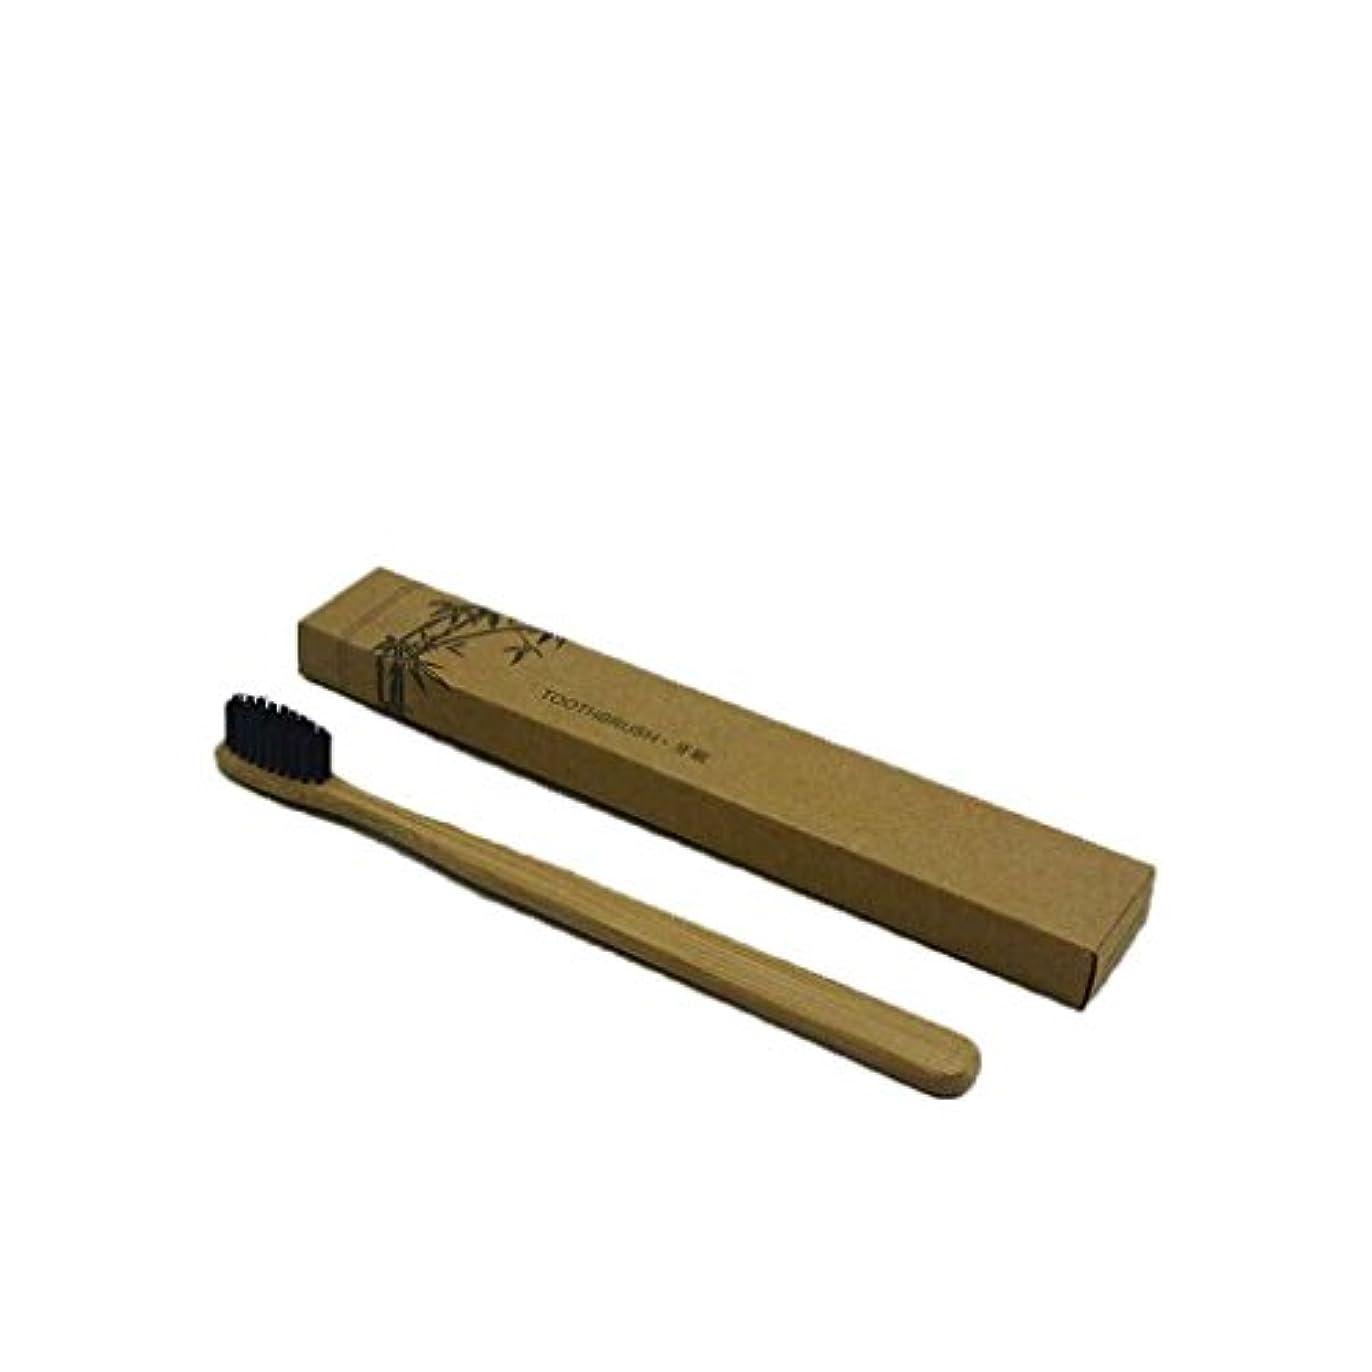 コンチネンタル盆地連続的uzinby 竹歯ブラシ 低炭生活 天然木 親水性 歯ブラシ 自然竹ハンドル 分解性 歯ブラシ 環境保護材料